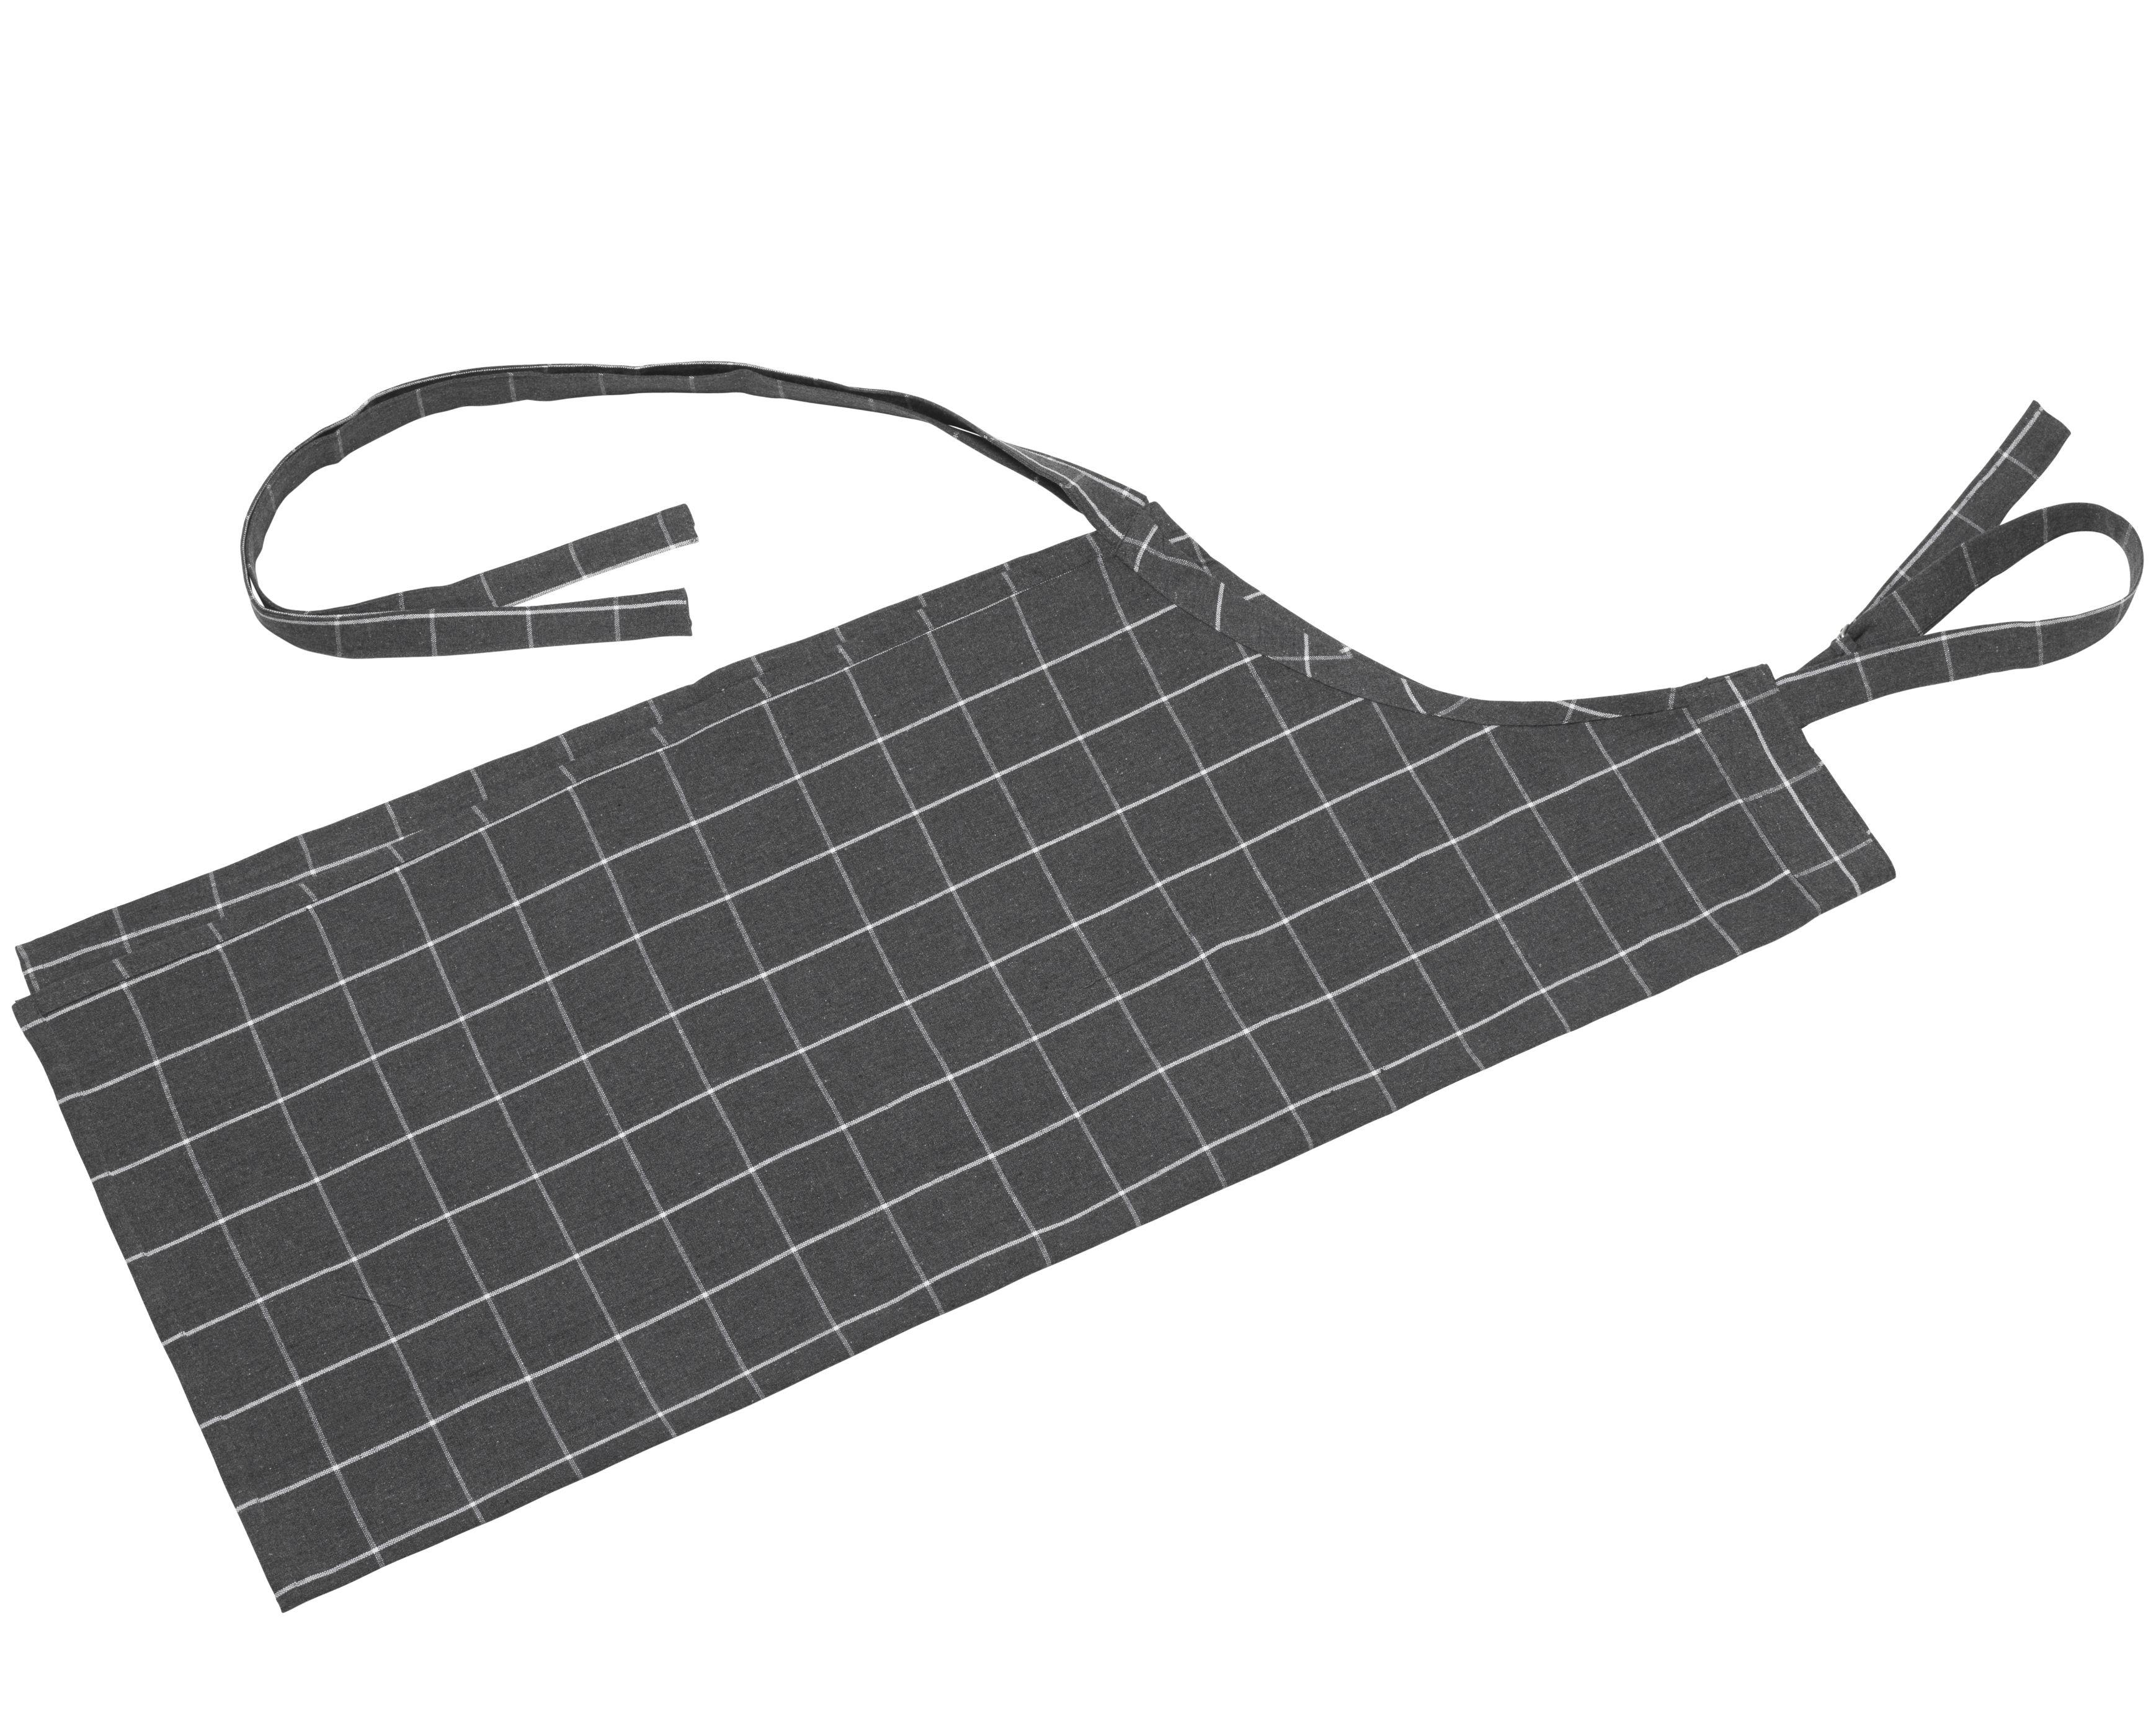 Bastian Recycle forklæde, 95x80 cm, ternet mørkegrå